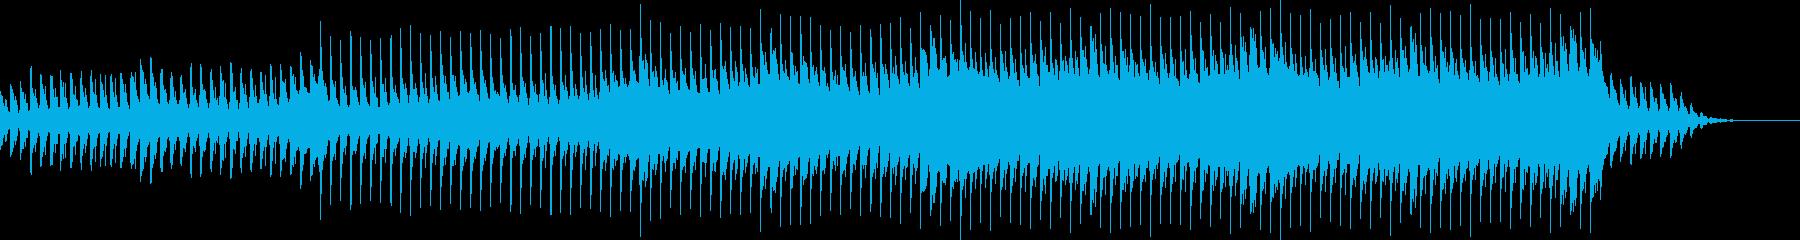 Corporate Piano 138の再生済みの波形